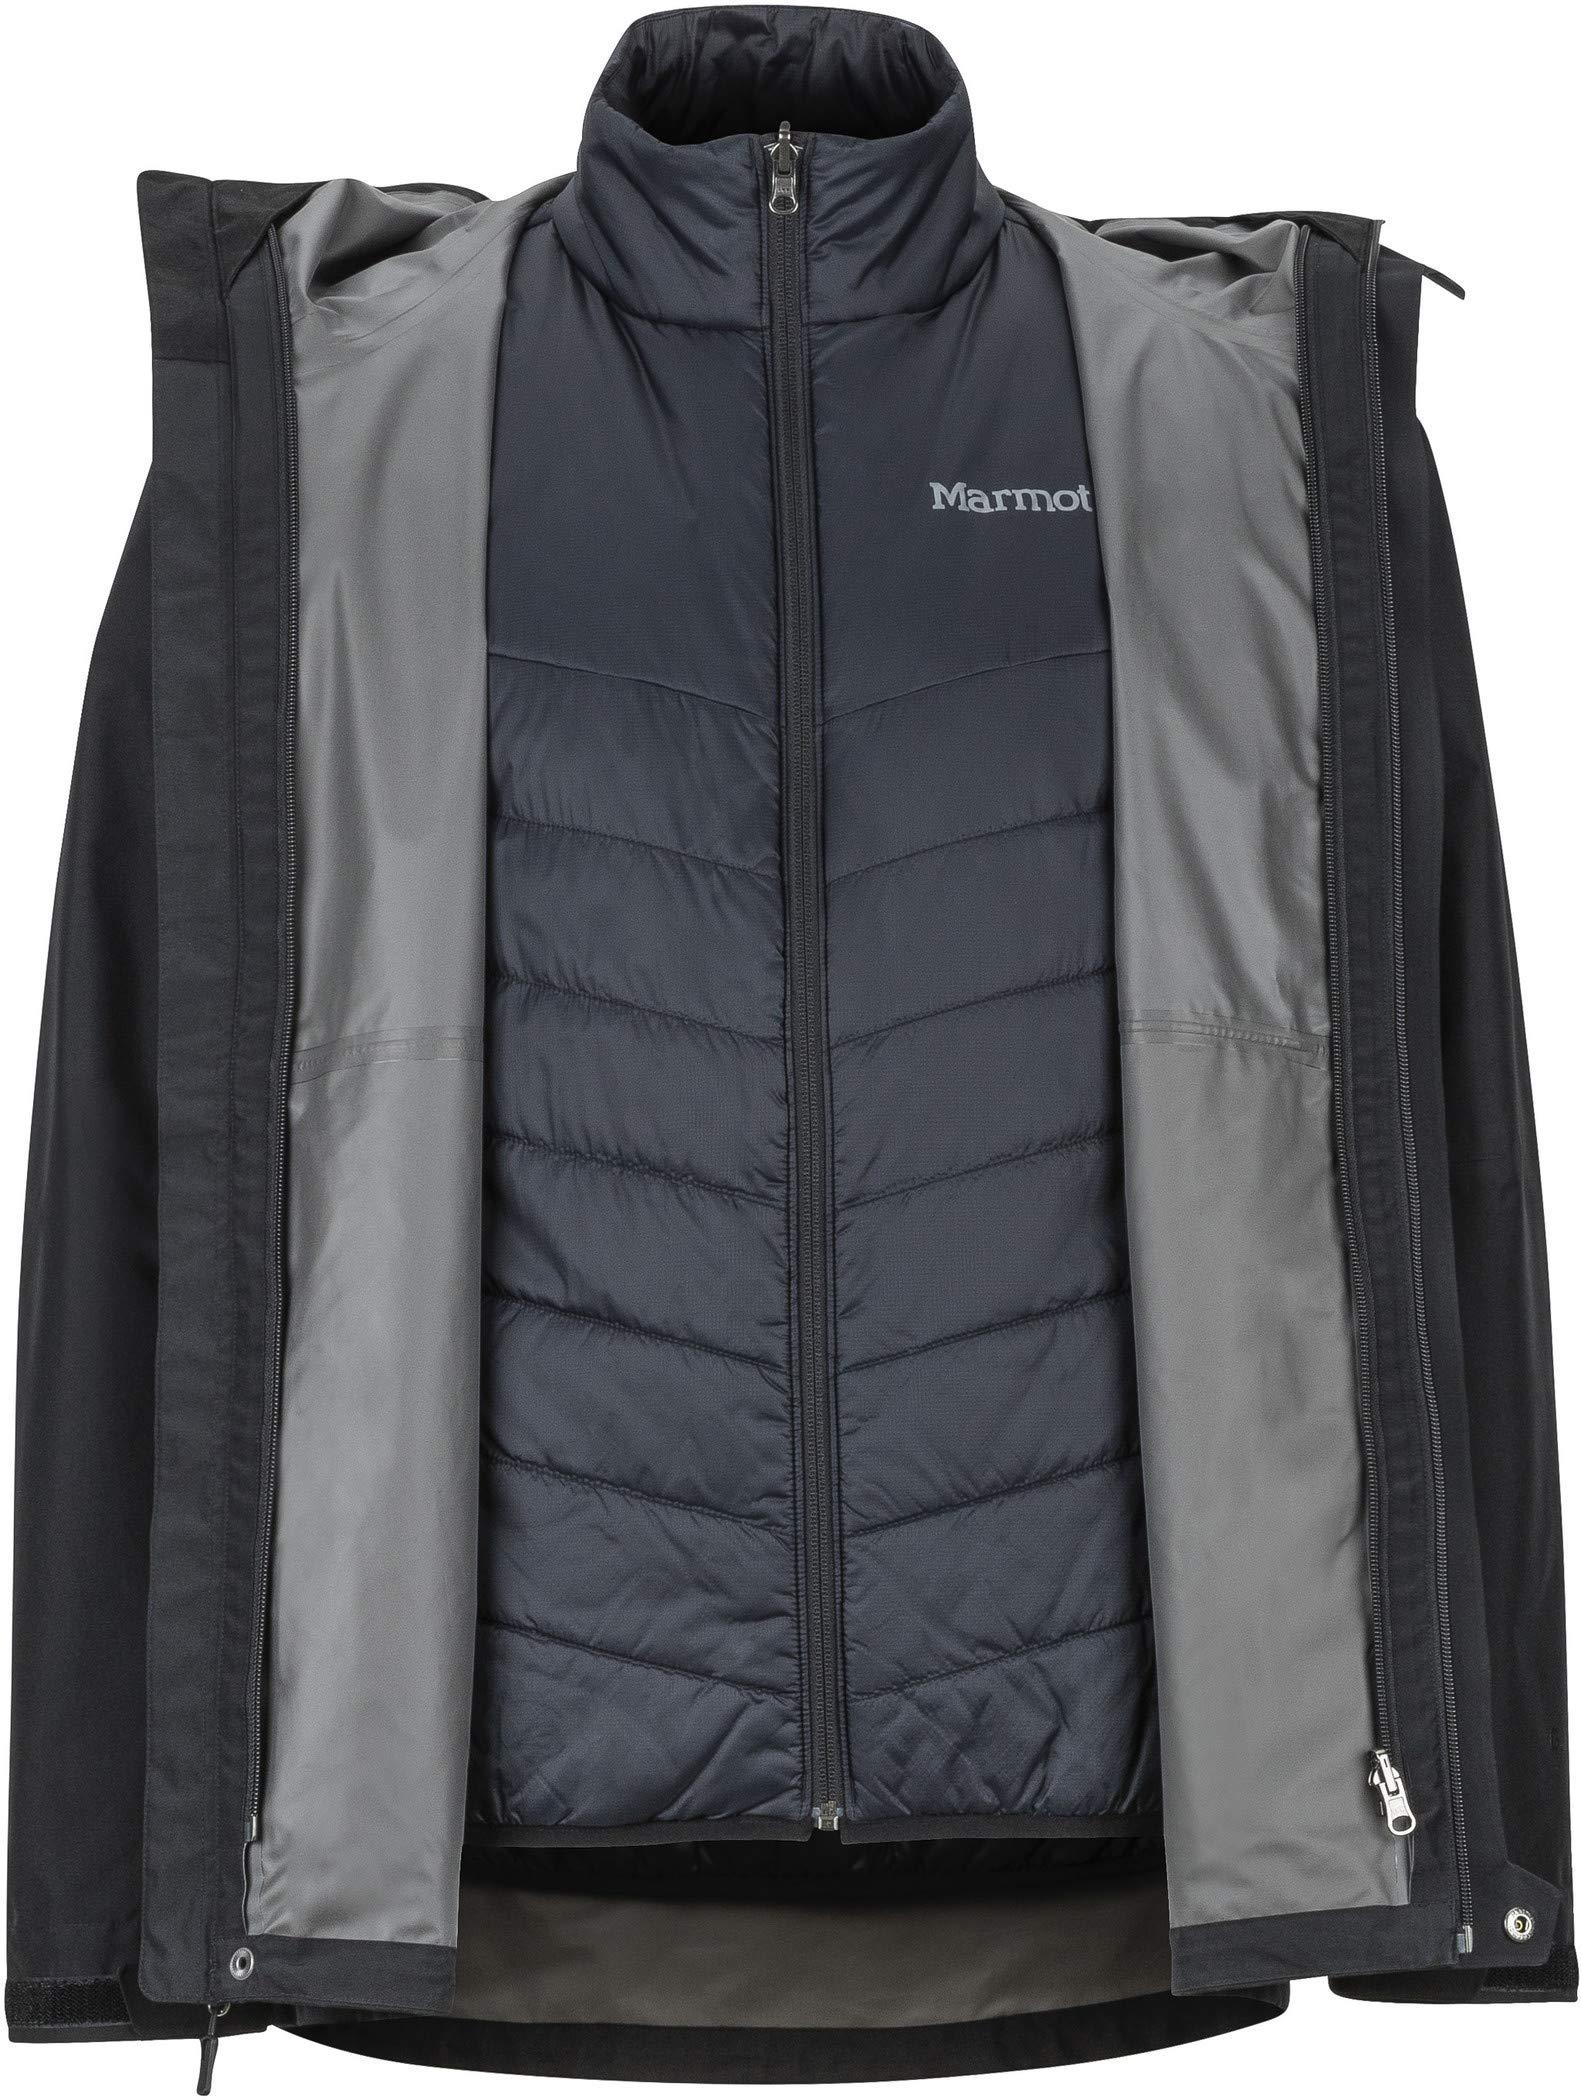 81le7WWprGL - Marmot Children's Minimalist Component' Jacket